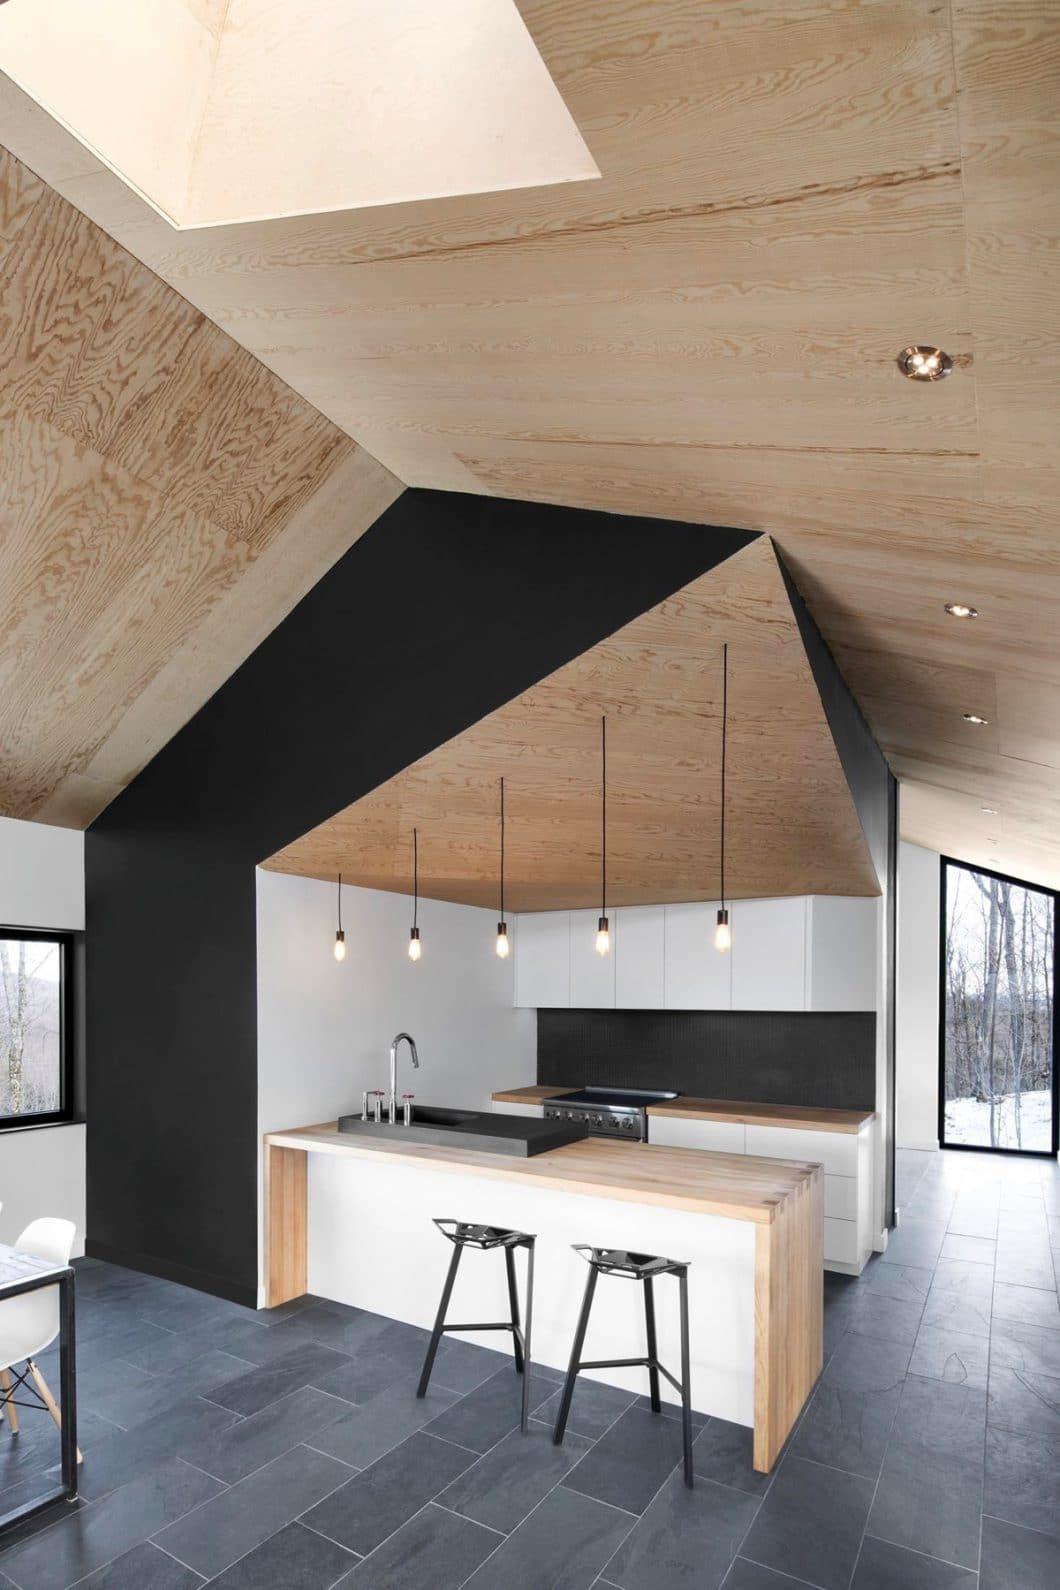 Dachschrägen richtig nutzen - KüchenDesignMagazin-Lassen Sie sich ...